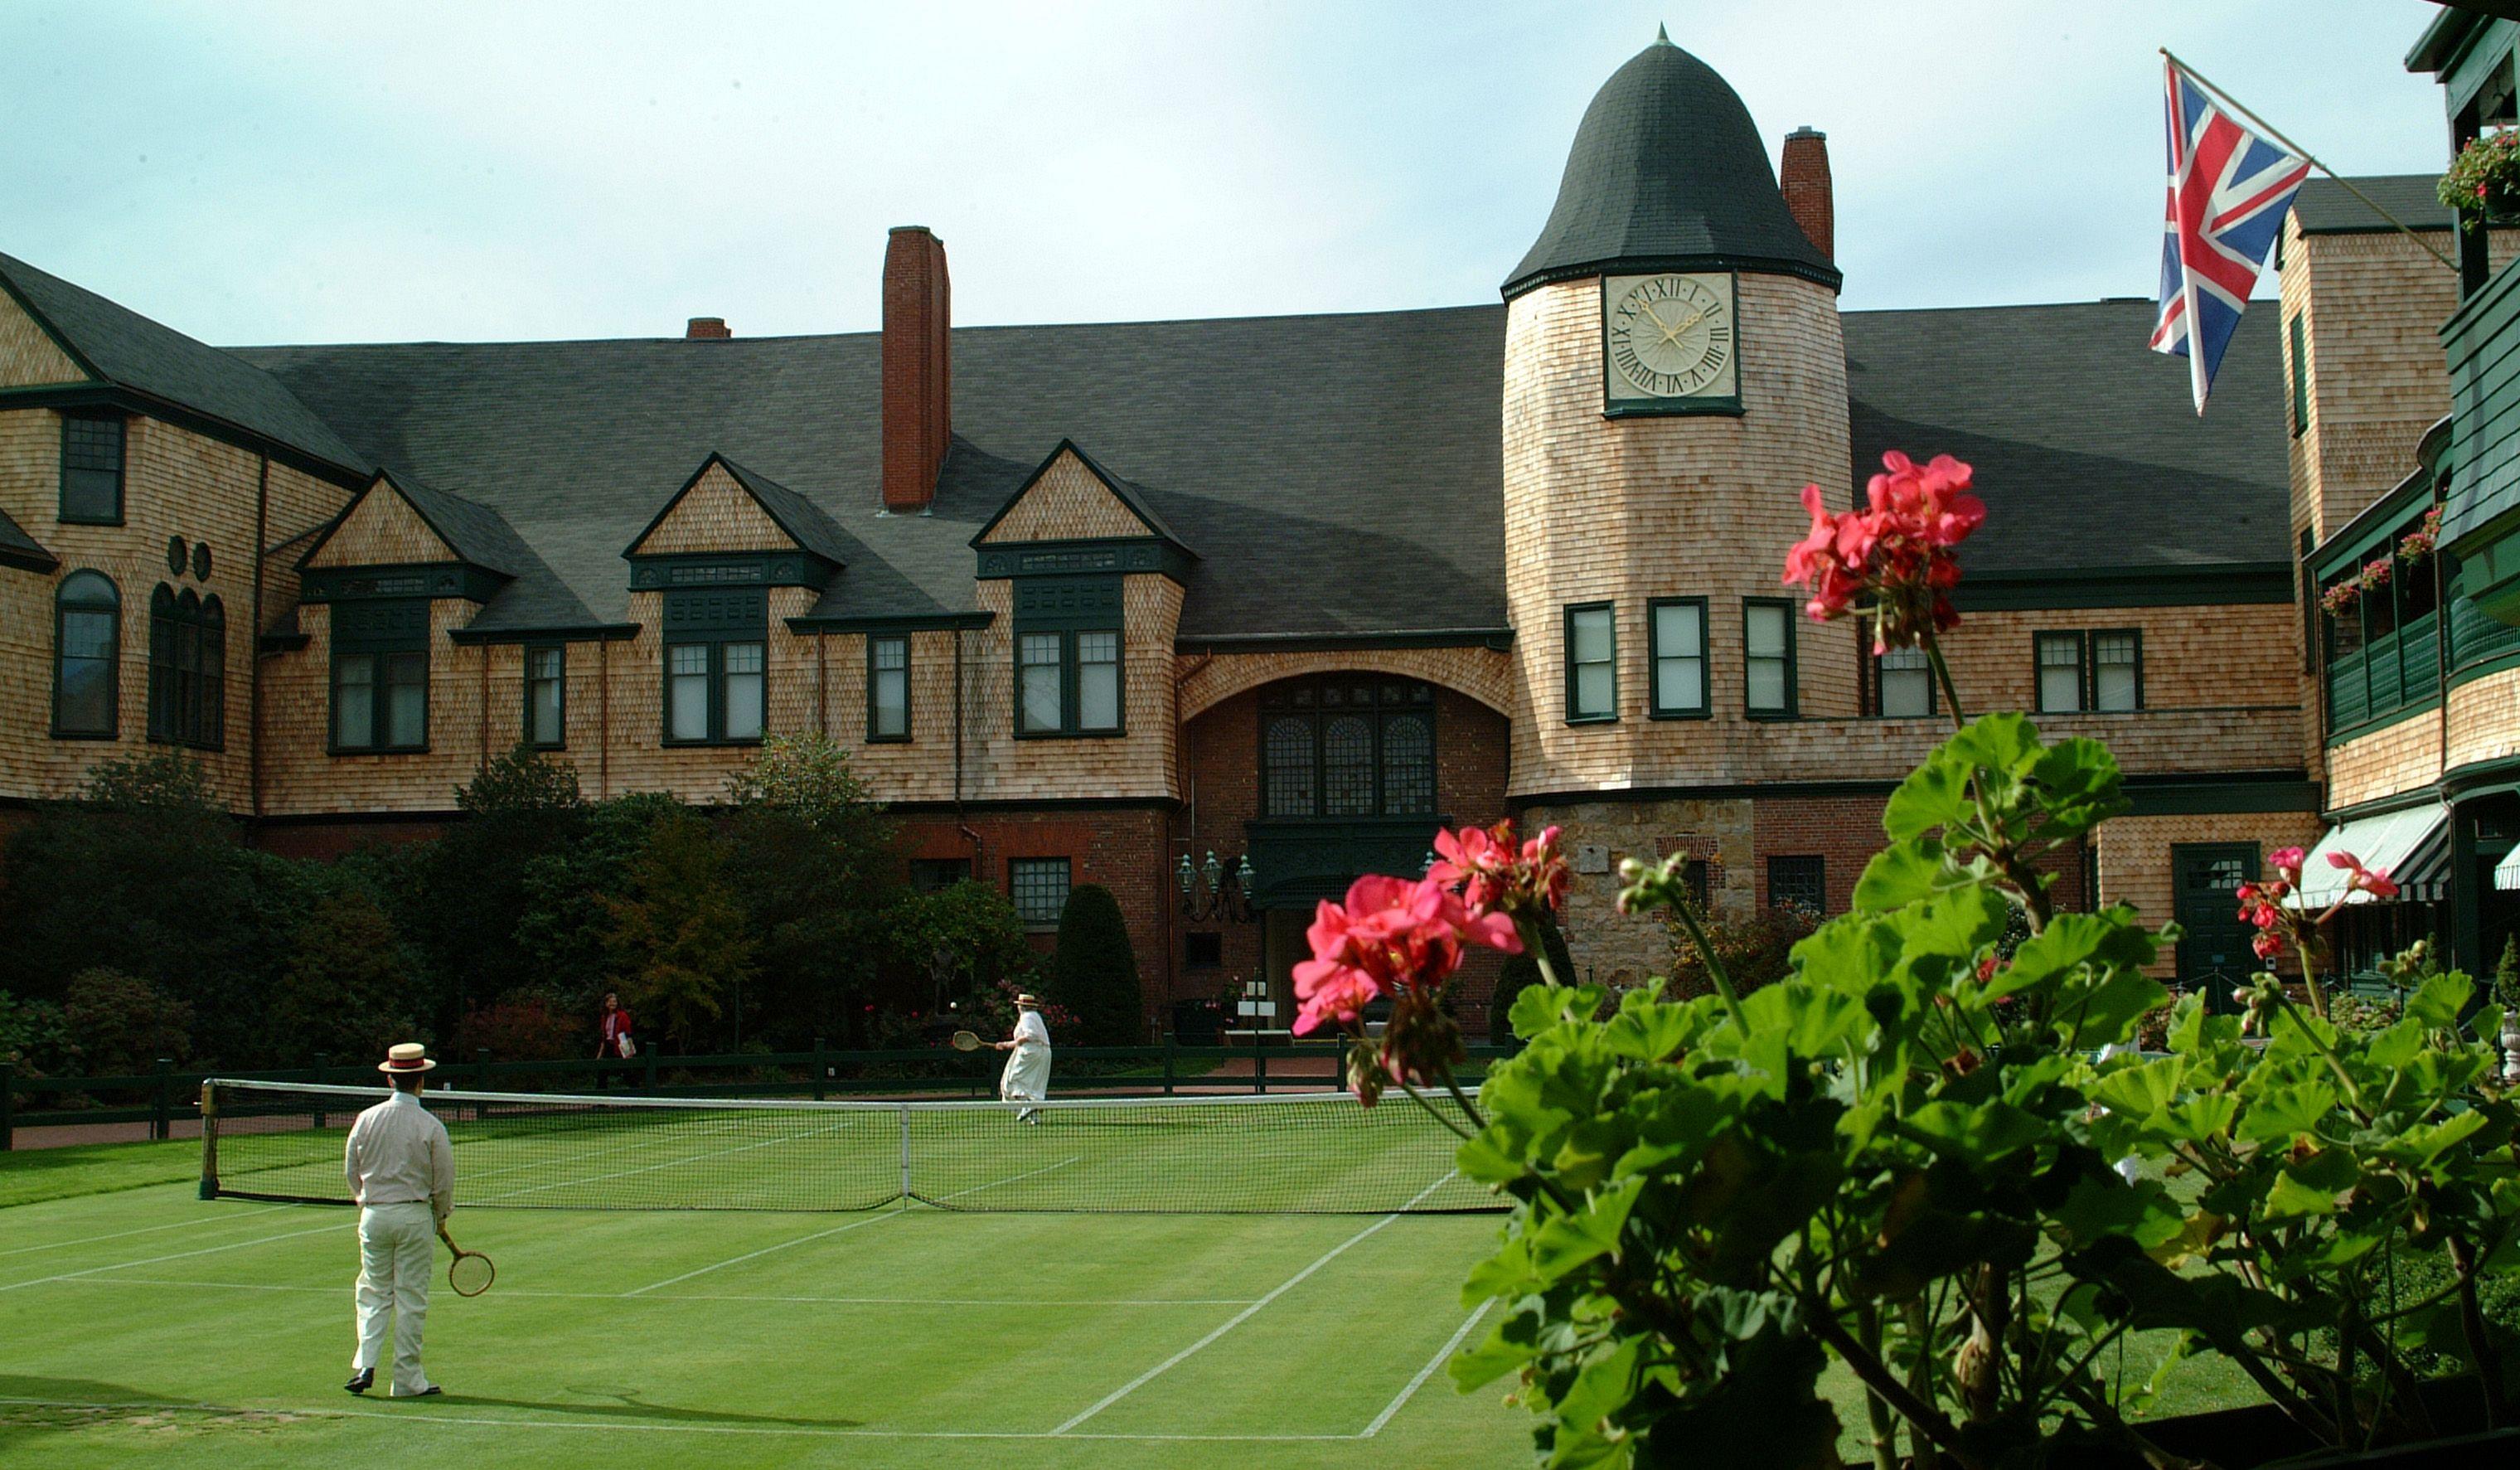 International tennis hall of fame newport rhode island